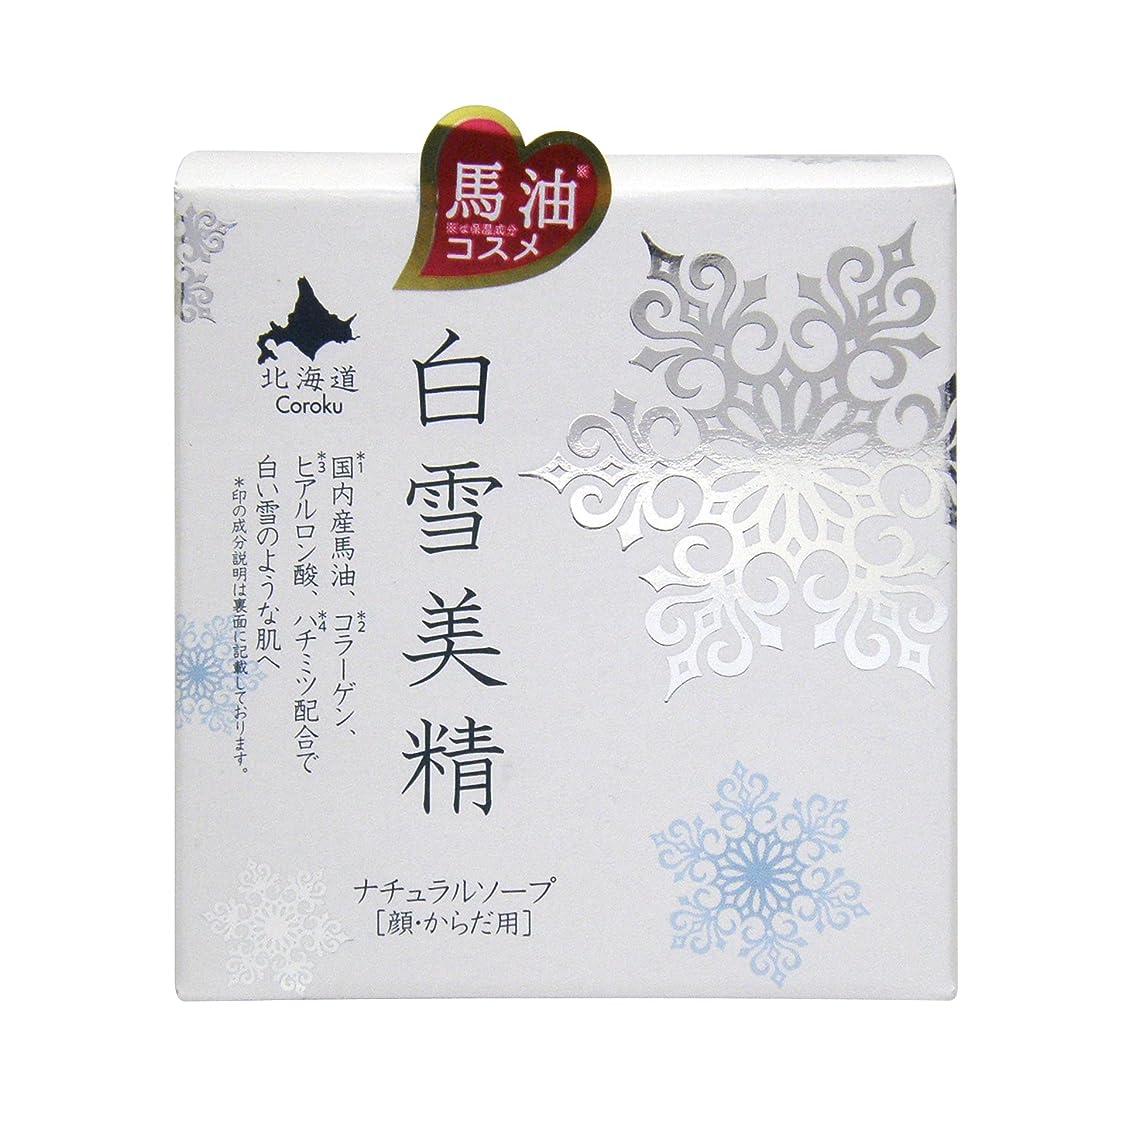 ペフ告白する気がついてCoroku 白雪美精 ナチュラルソープ(顔?からだ用) 100g